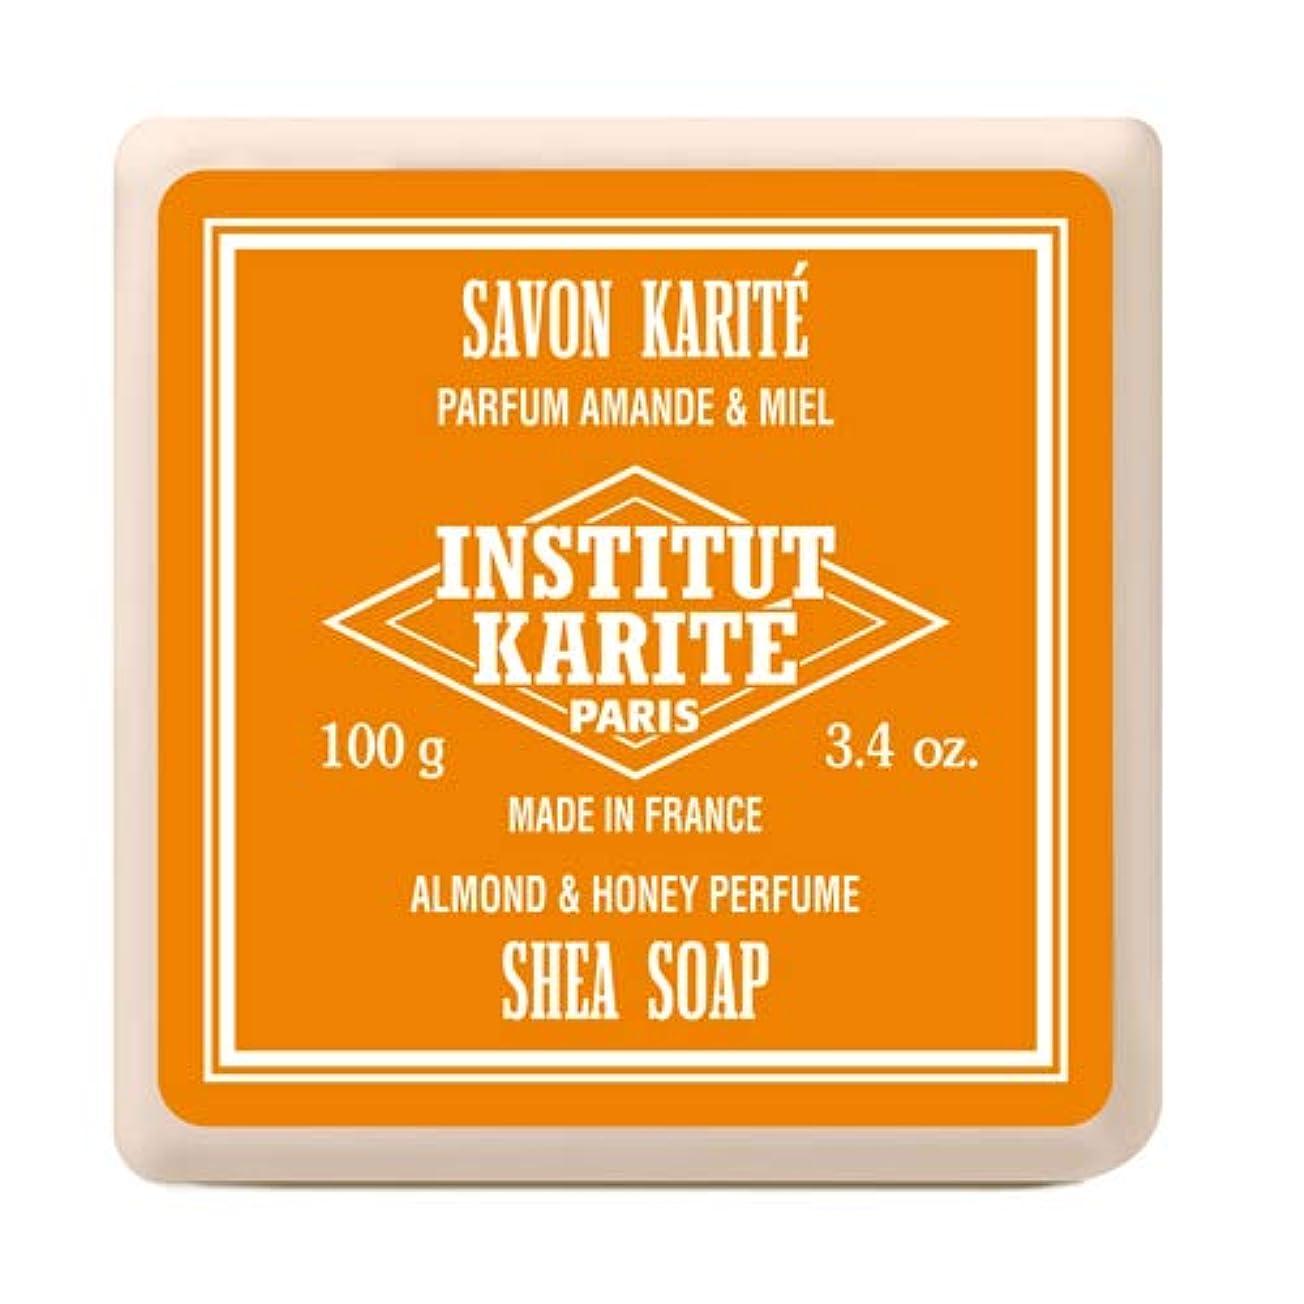 ラバ解くはねかけるインスティテュート?カリテ(INSTITUT KARITE) INSTITUT KARITE インスティテュート カリテ Shea Wrapped Soap シアソープ 100g Almond & Honey アーモンド...